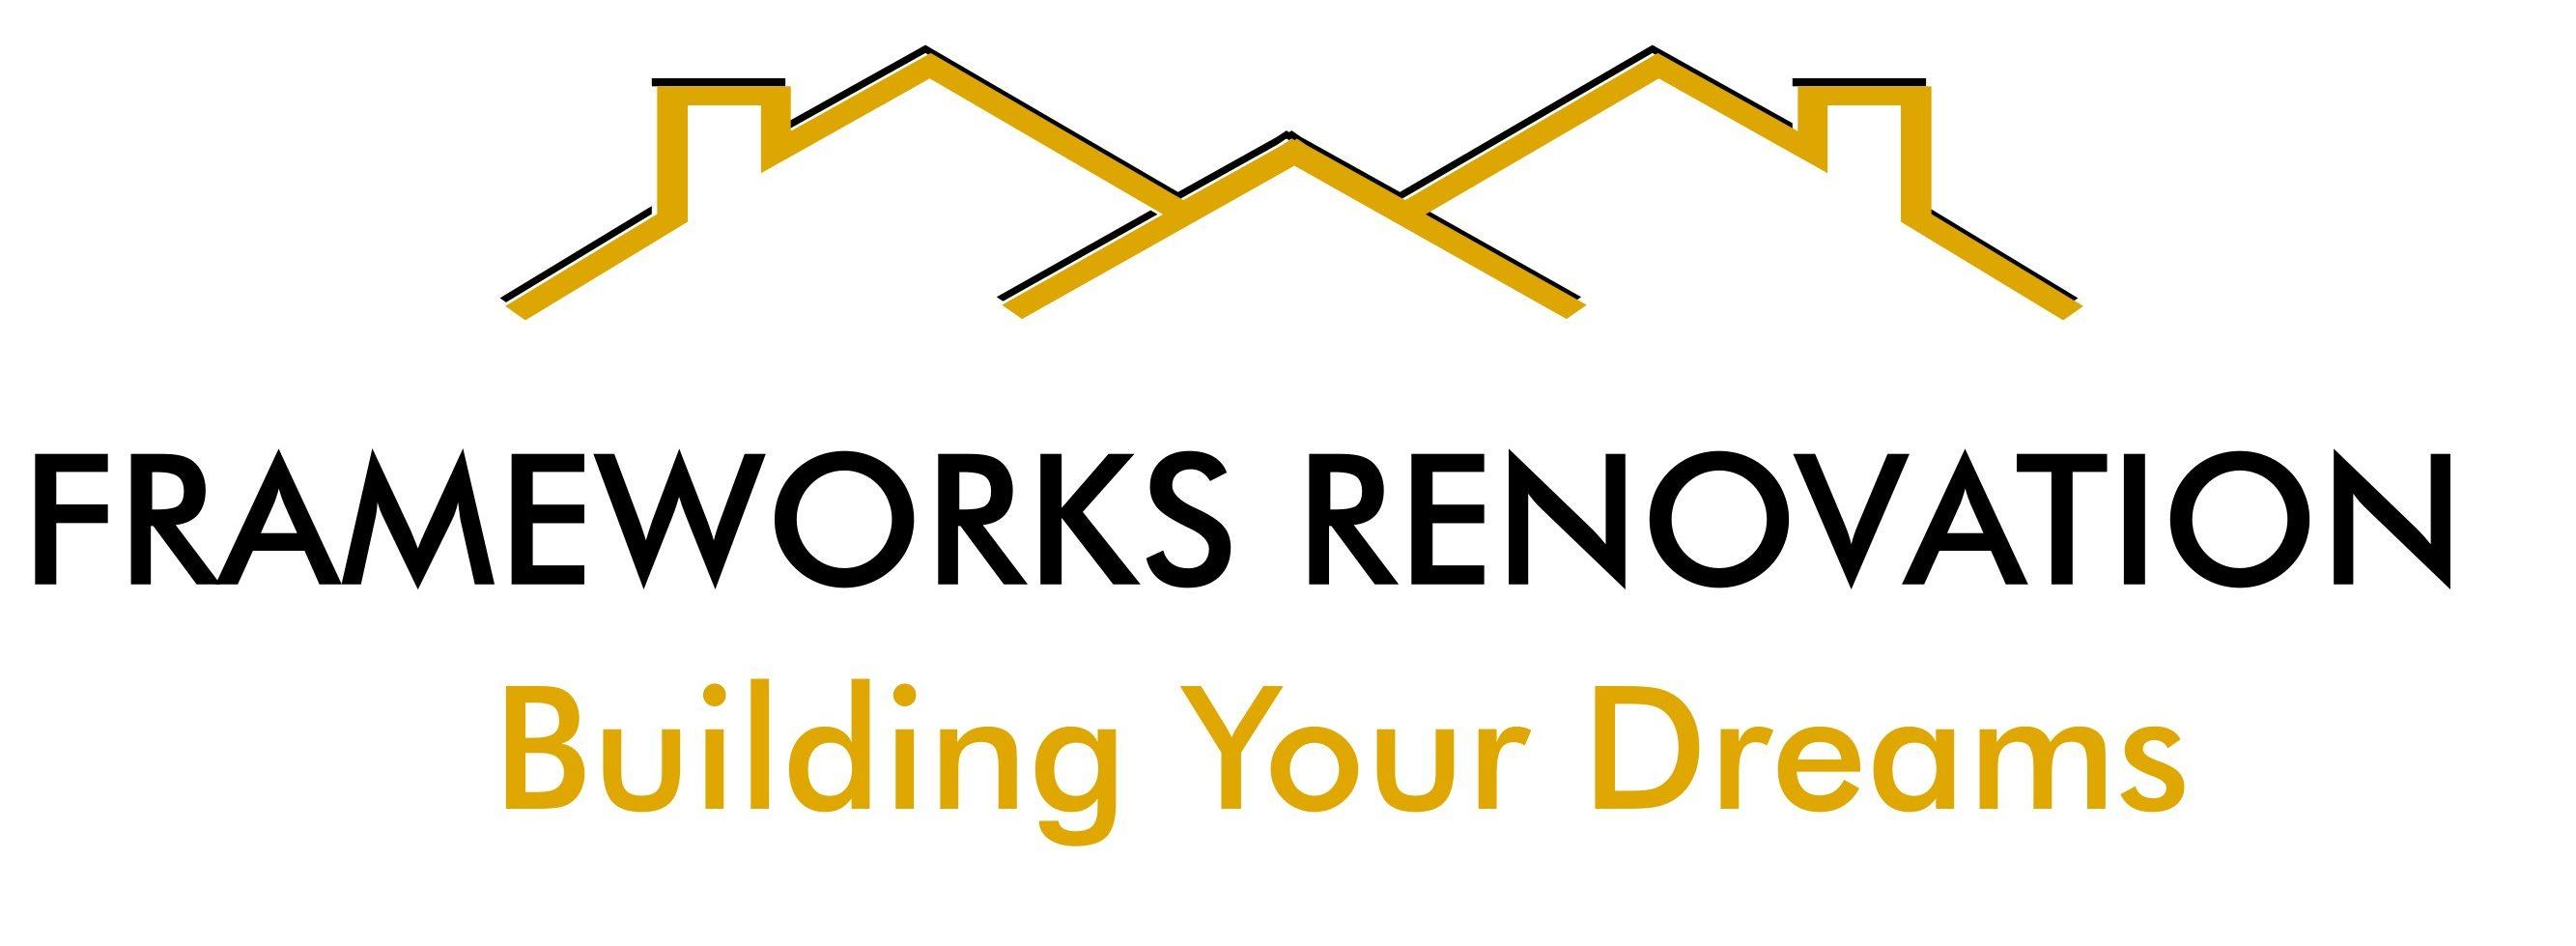 Frameworks Renovation